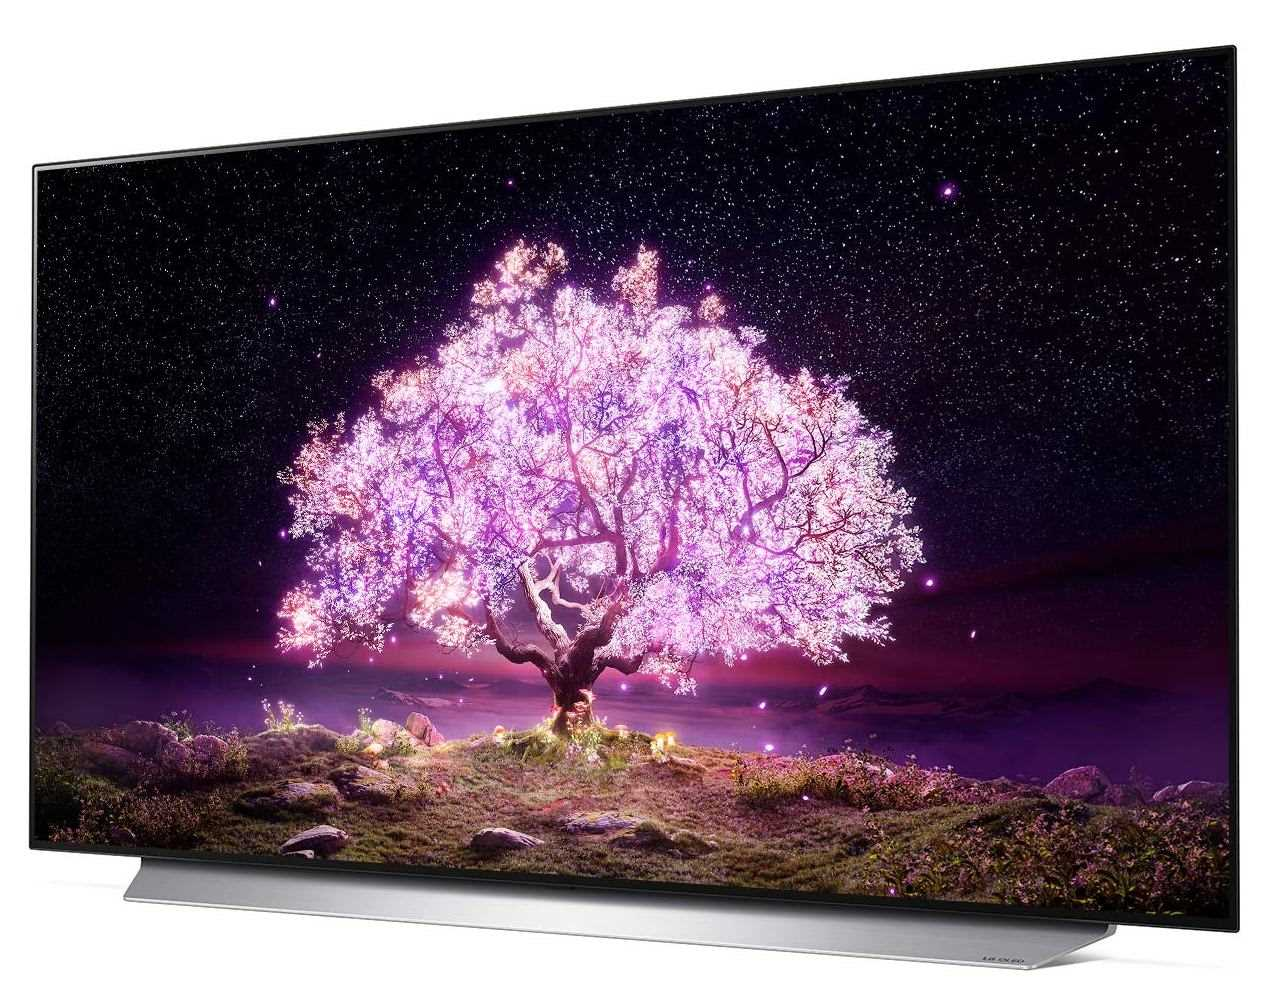 טלוויזיה 55 אינץ' דגם OLED 55C1PVB  בטכנולוגיית LG OLED 4K Ultra HD אל ג'י - תמונה 3